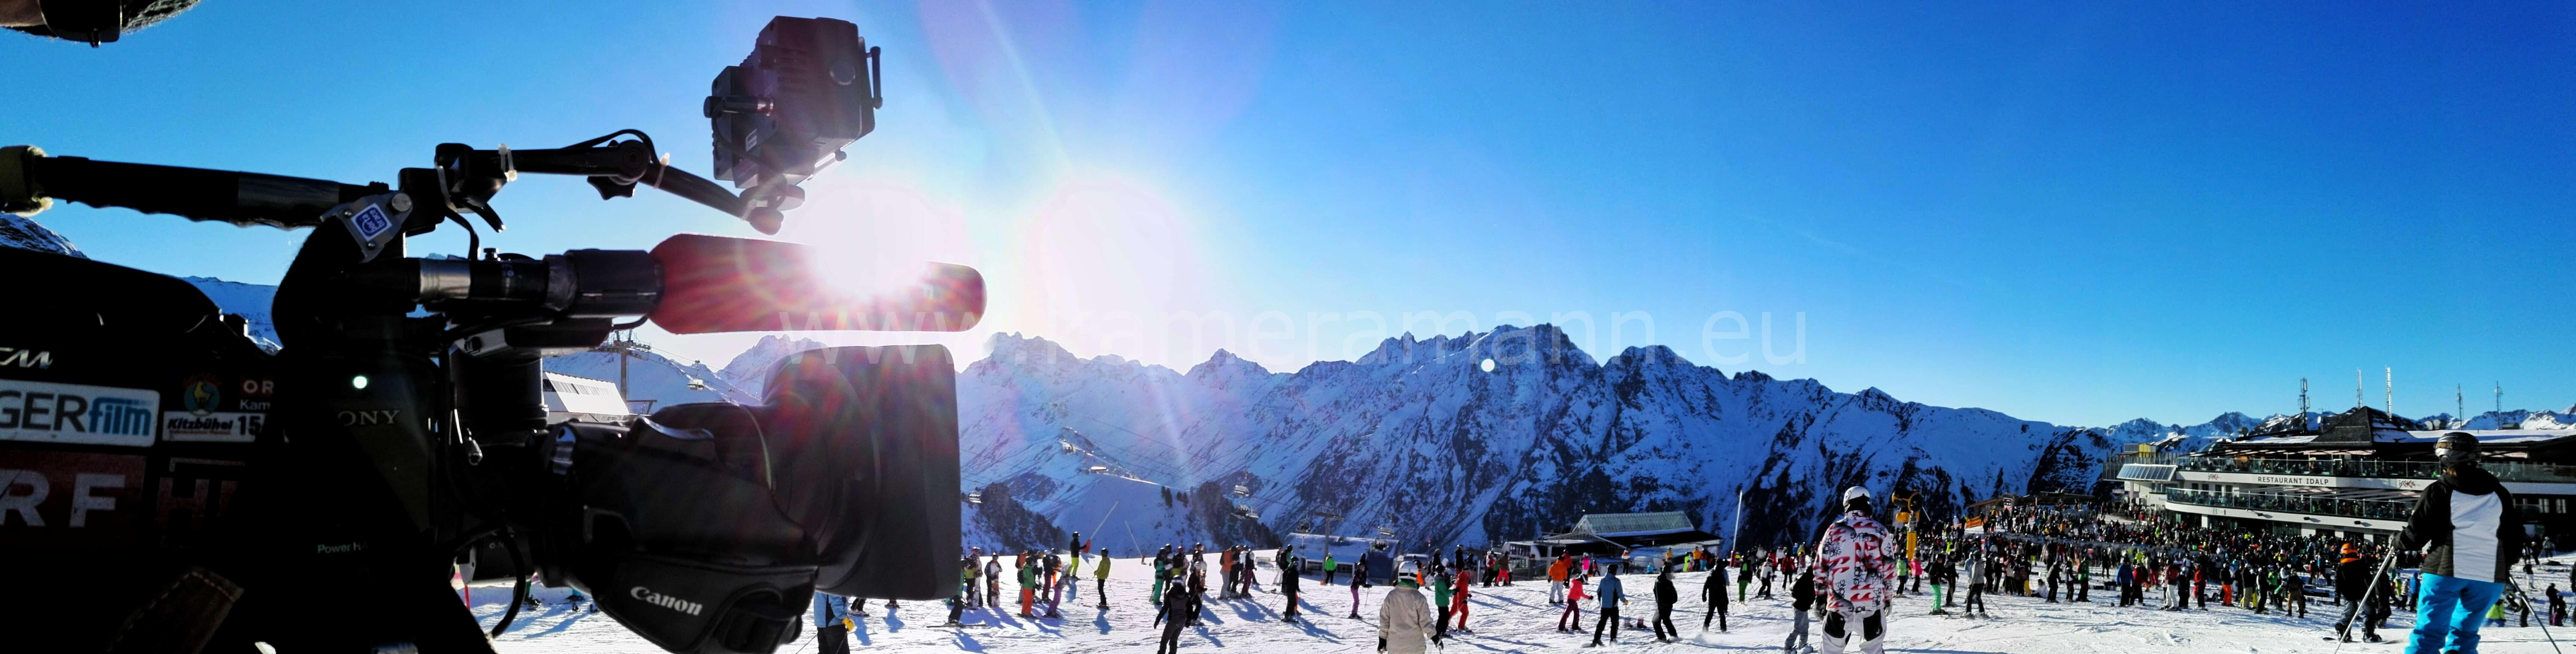 ischgl3 - ServusTv - In einer Woche ist Saisonseröffnung in Ischgl in Tirol. Lokalaugenschein auf der Idalp auf 2 320m